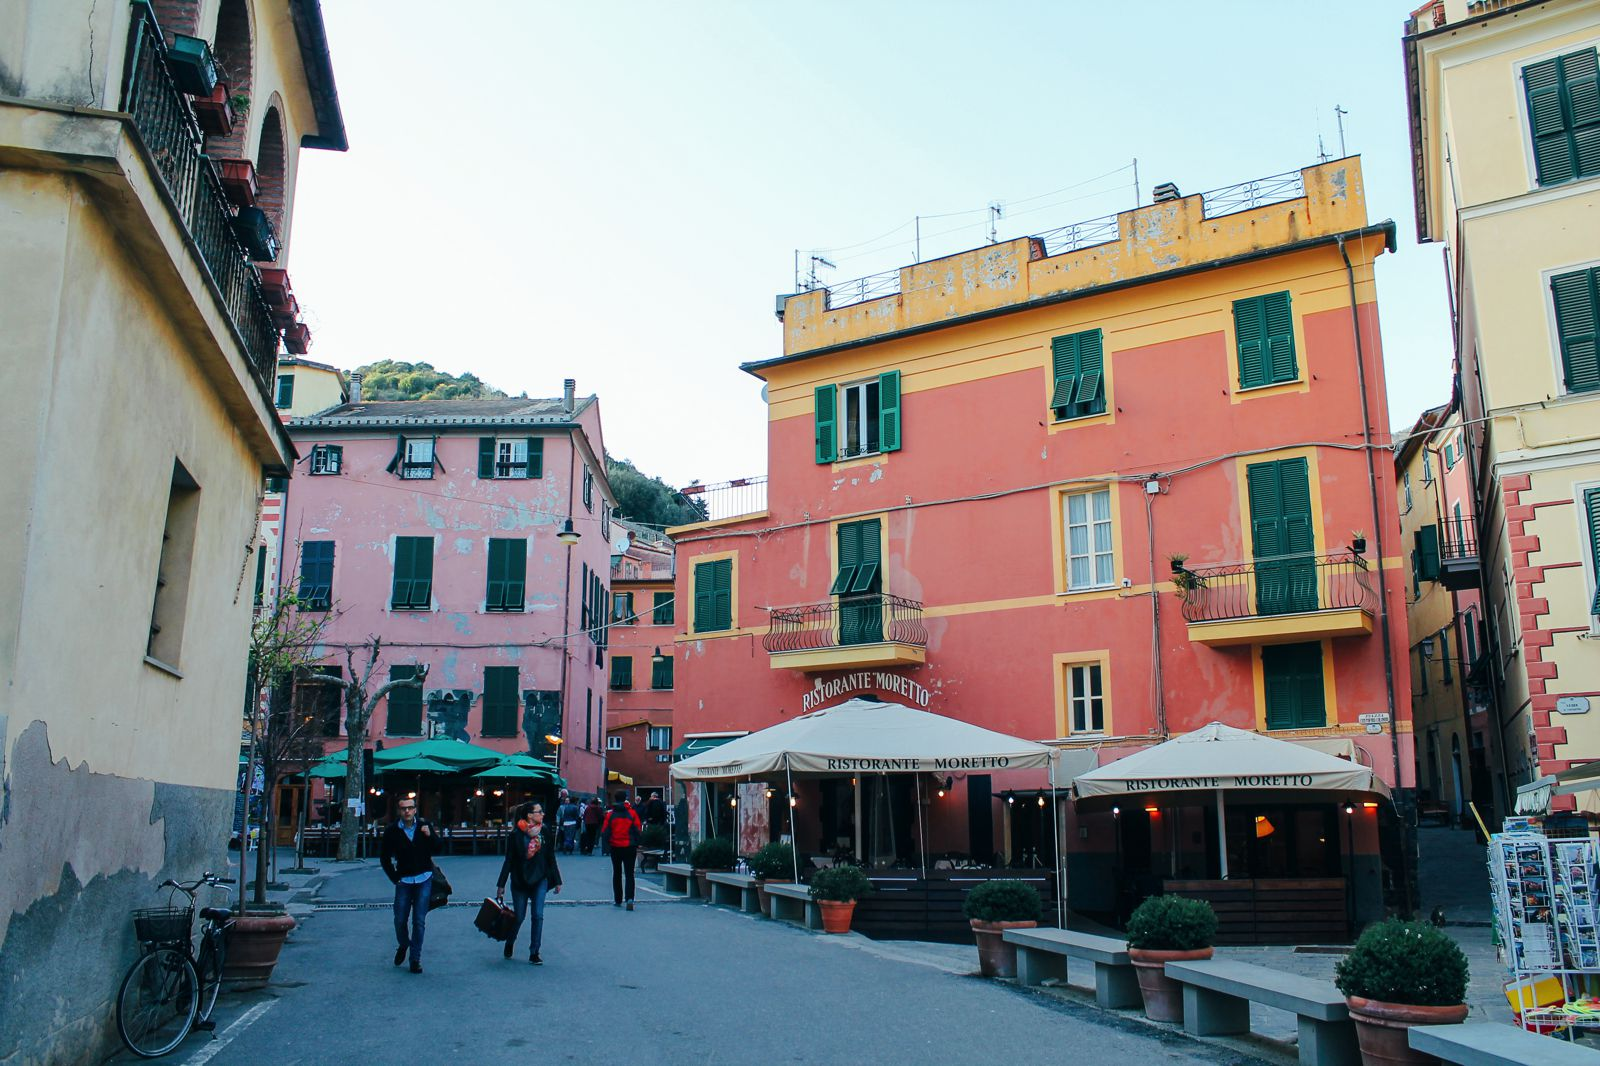 Monterosso al Mare in Cinque Terre, Italy - The Photo Diary! [5 of 5] (6)